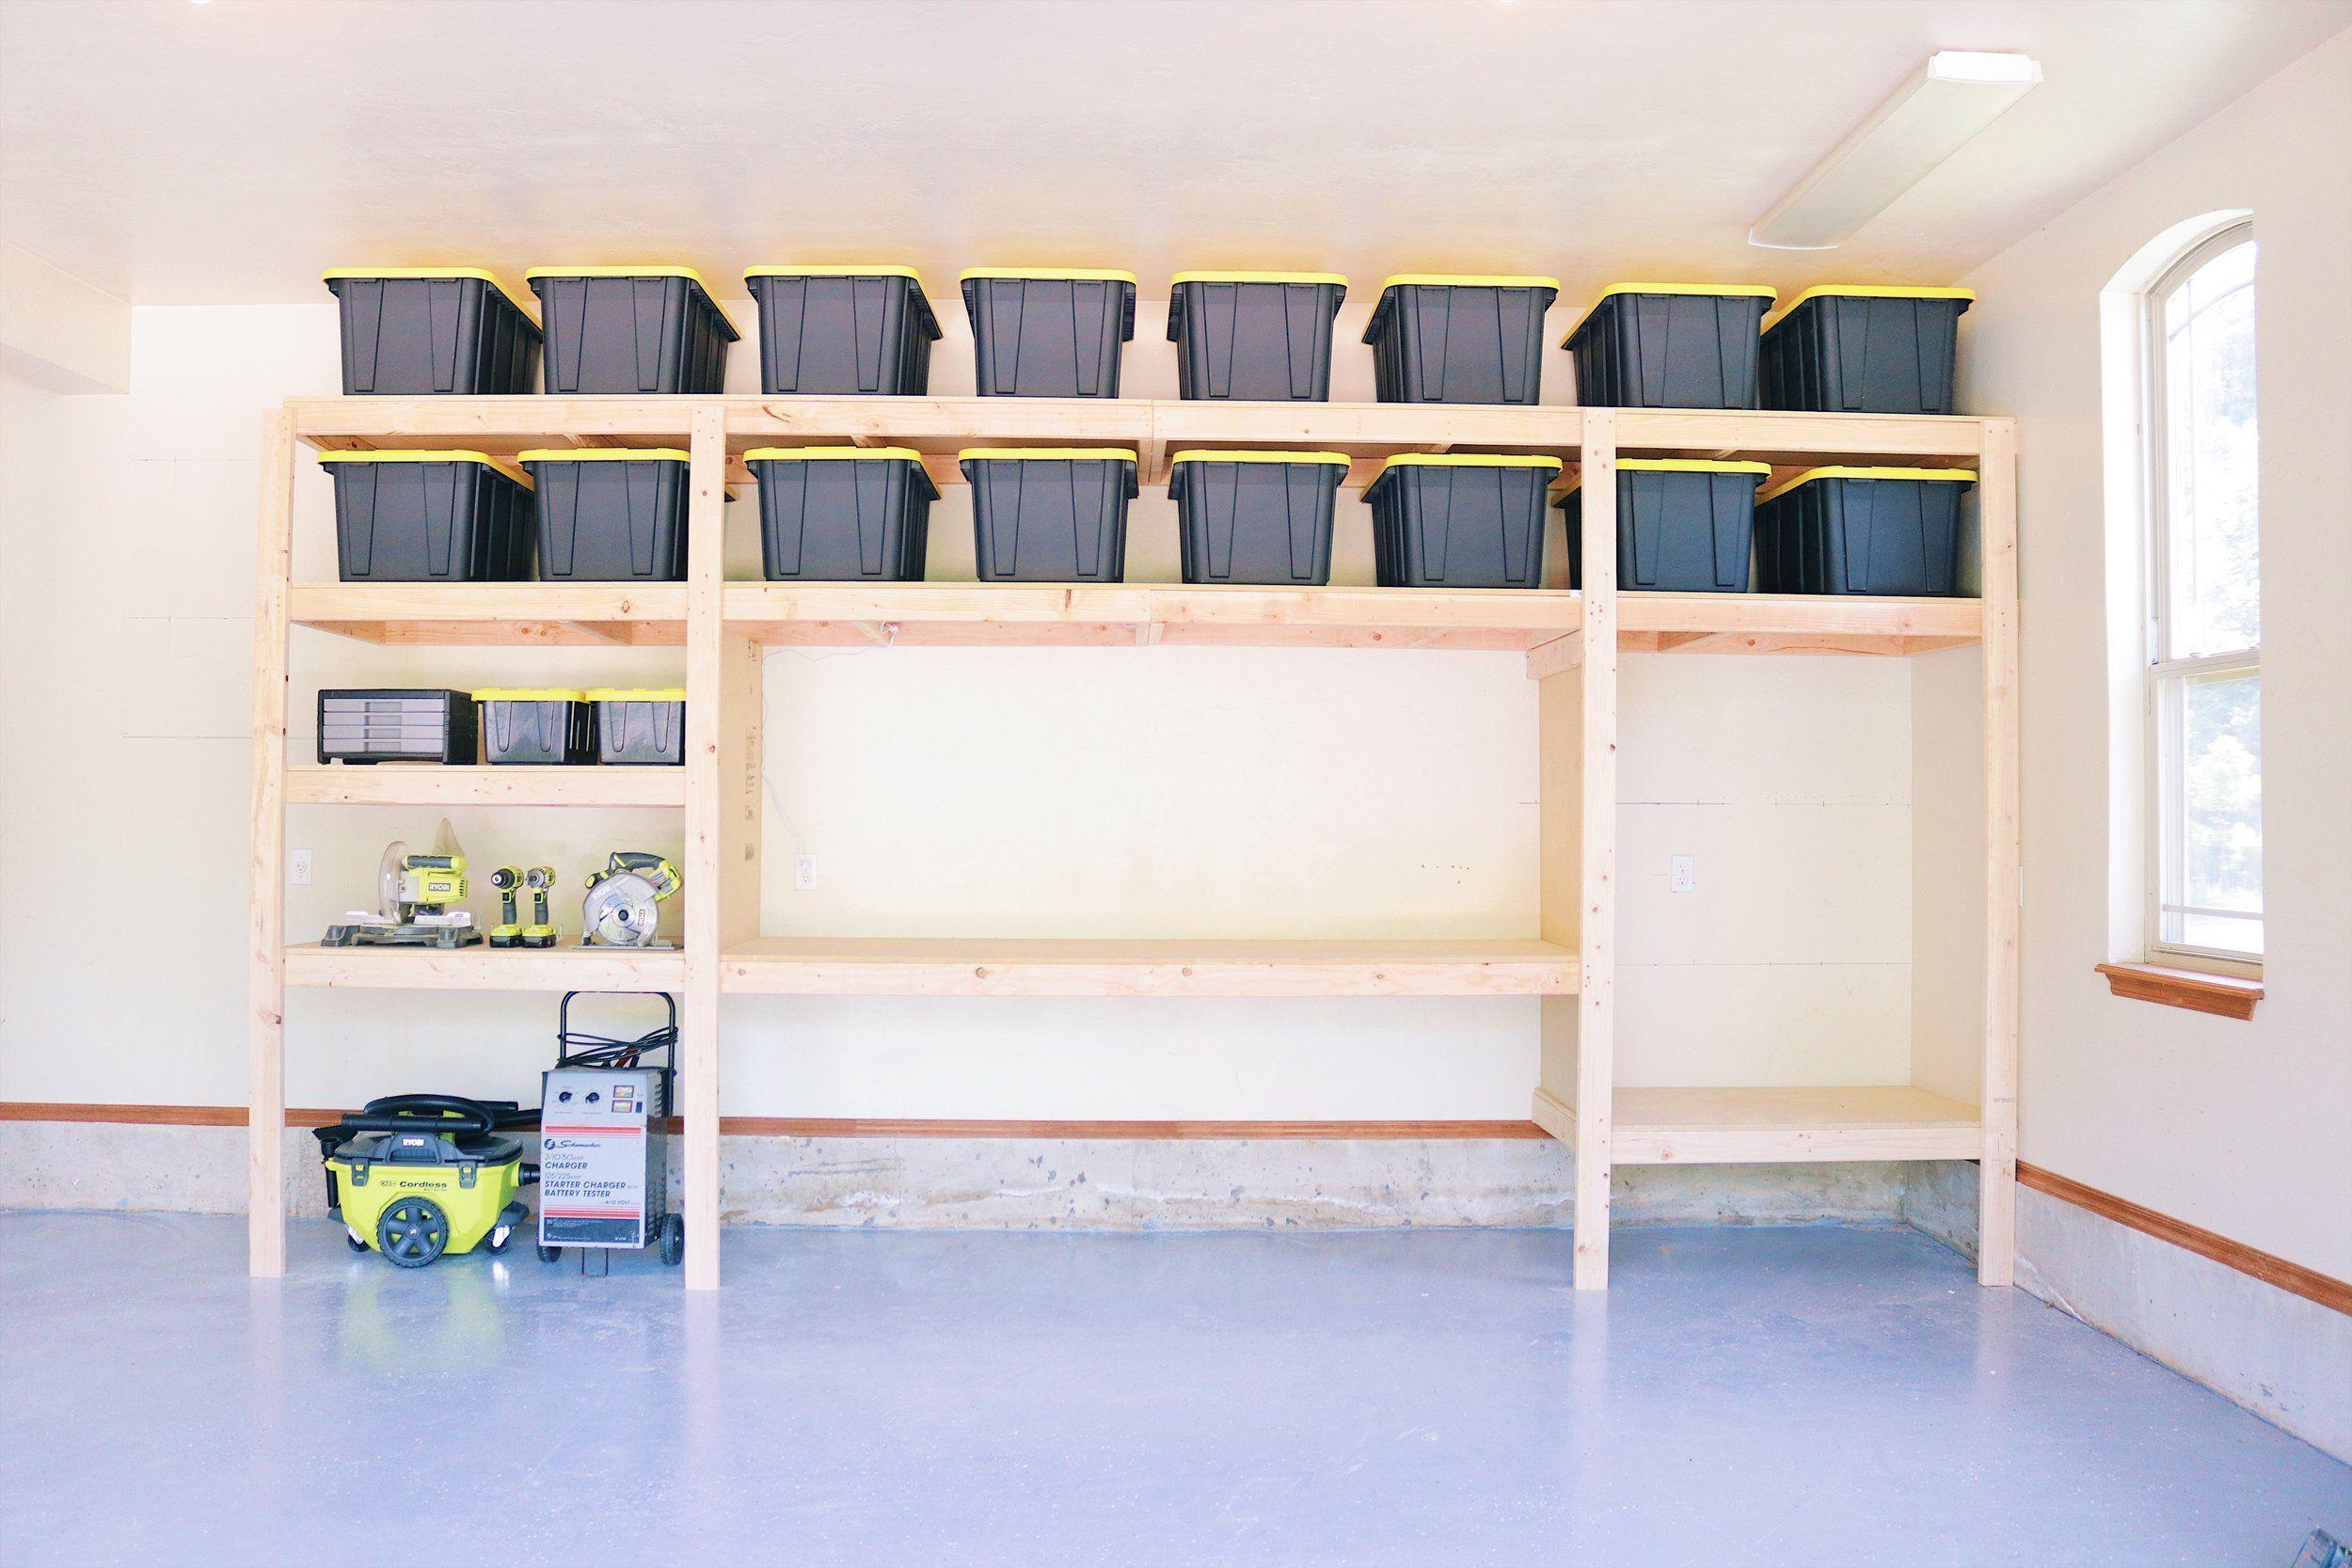 DIY Garage Shelves — Modern Builds The Ultimate Garage